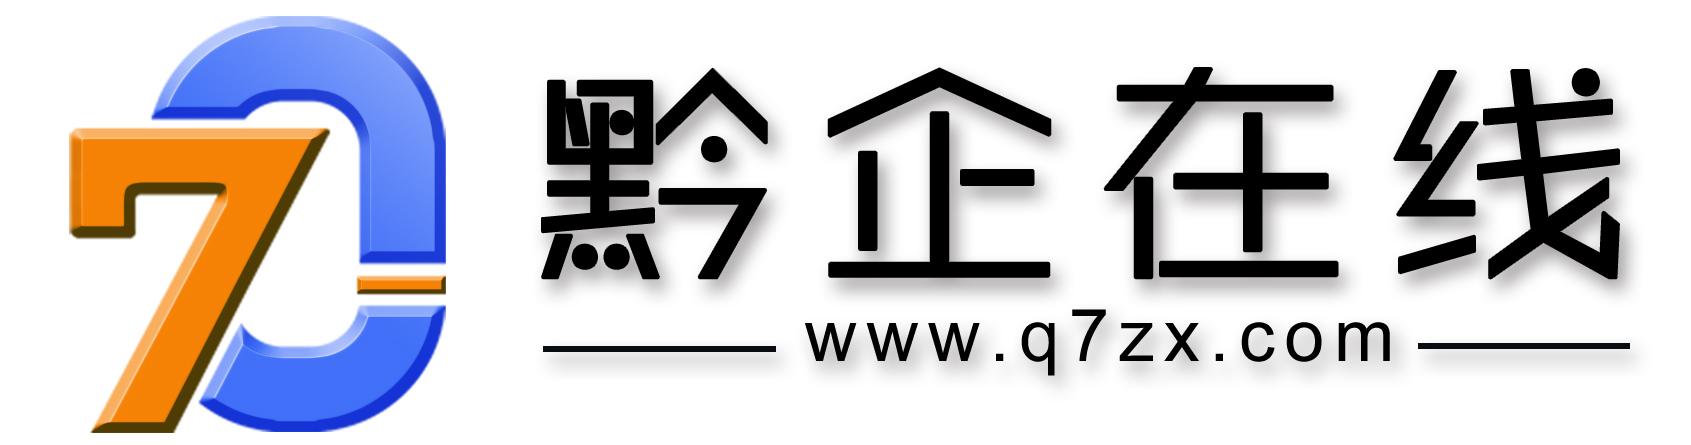 贵州黔企在线信息科技有限公司